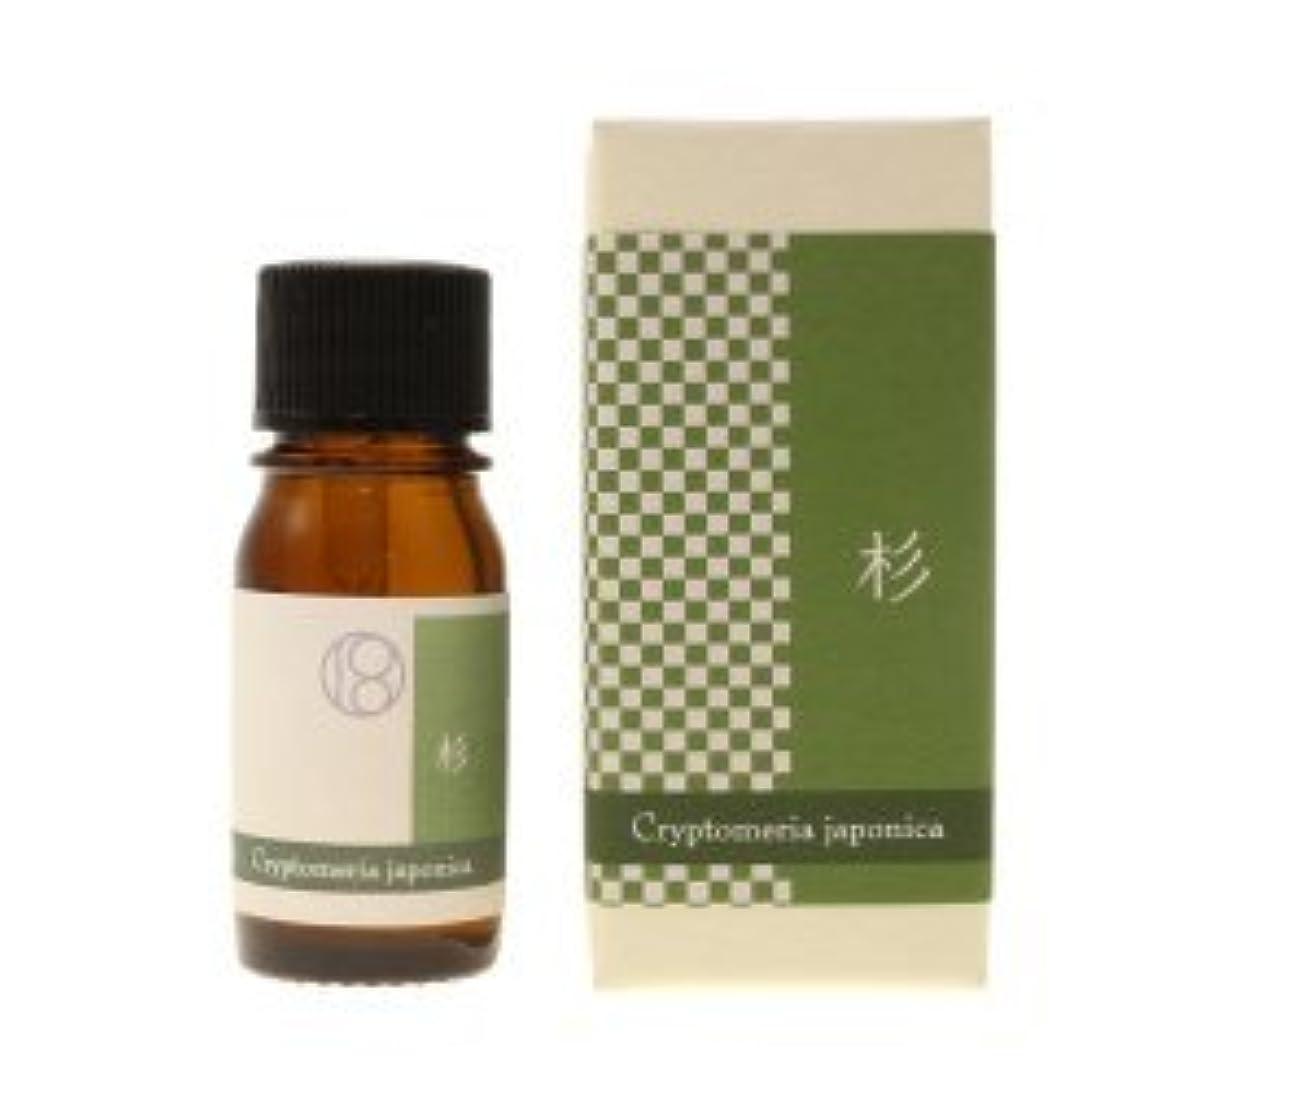 スムーズにベリー質素なスギ精油エッセンシャルオイル(すぎ:杉■南会津 )5ml■山林栽培 和の精油